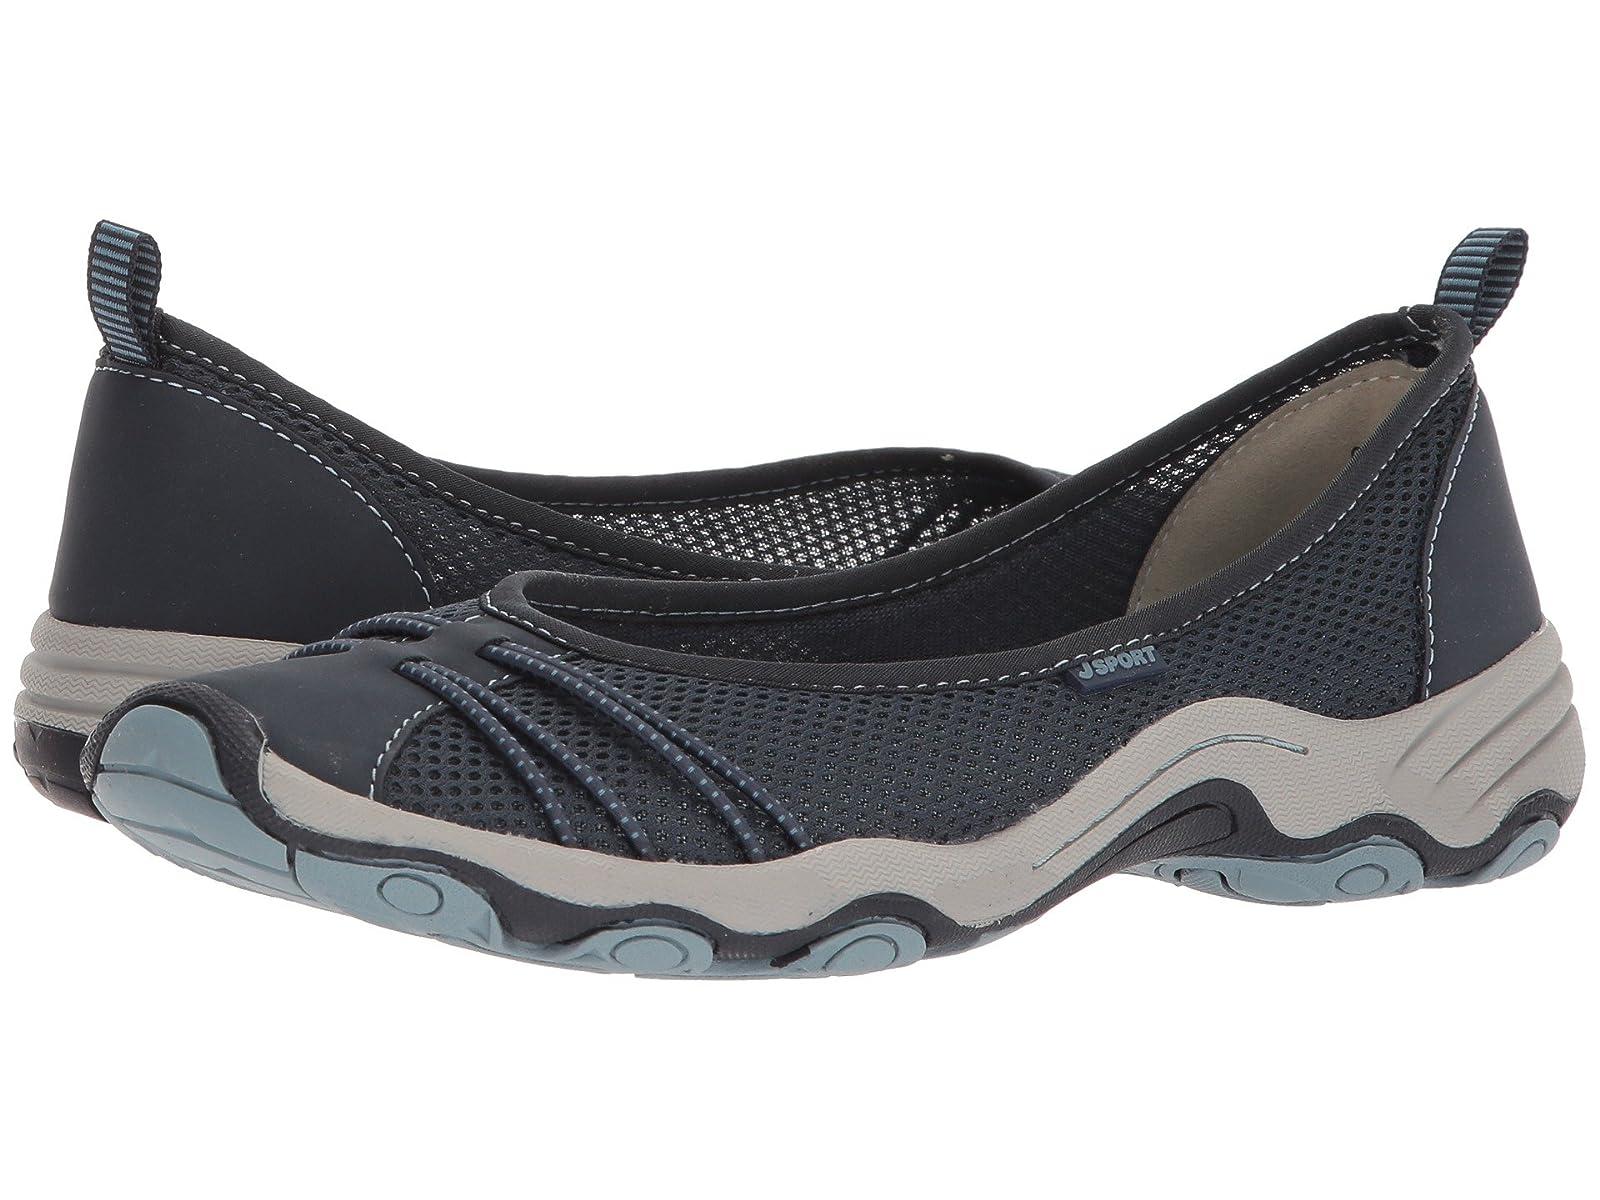 JBU Spin EncoreAtmospheric grades have affordable shoes